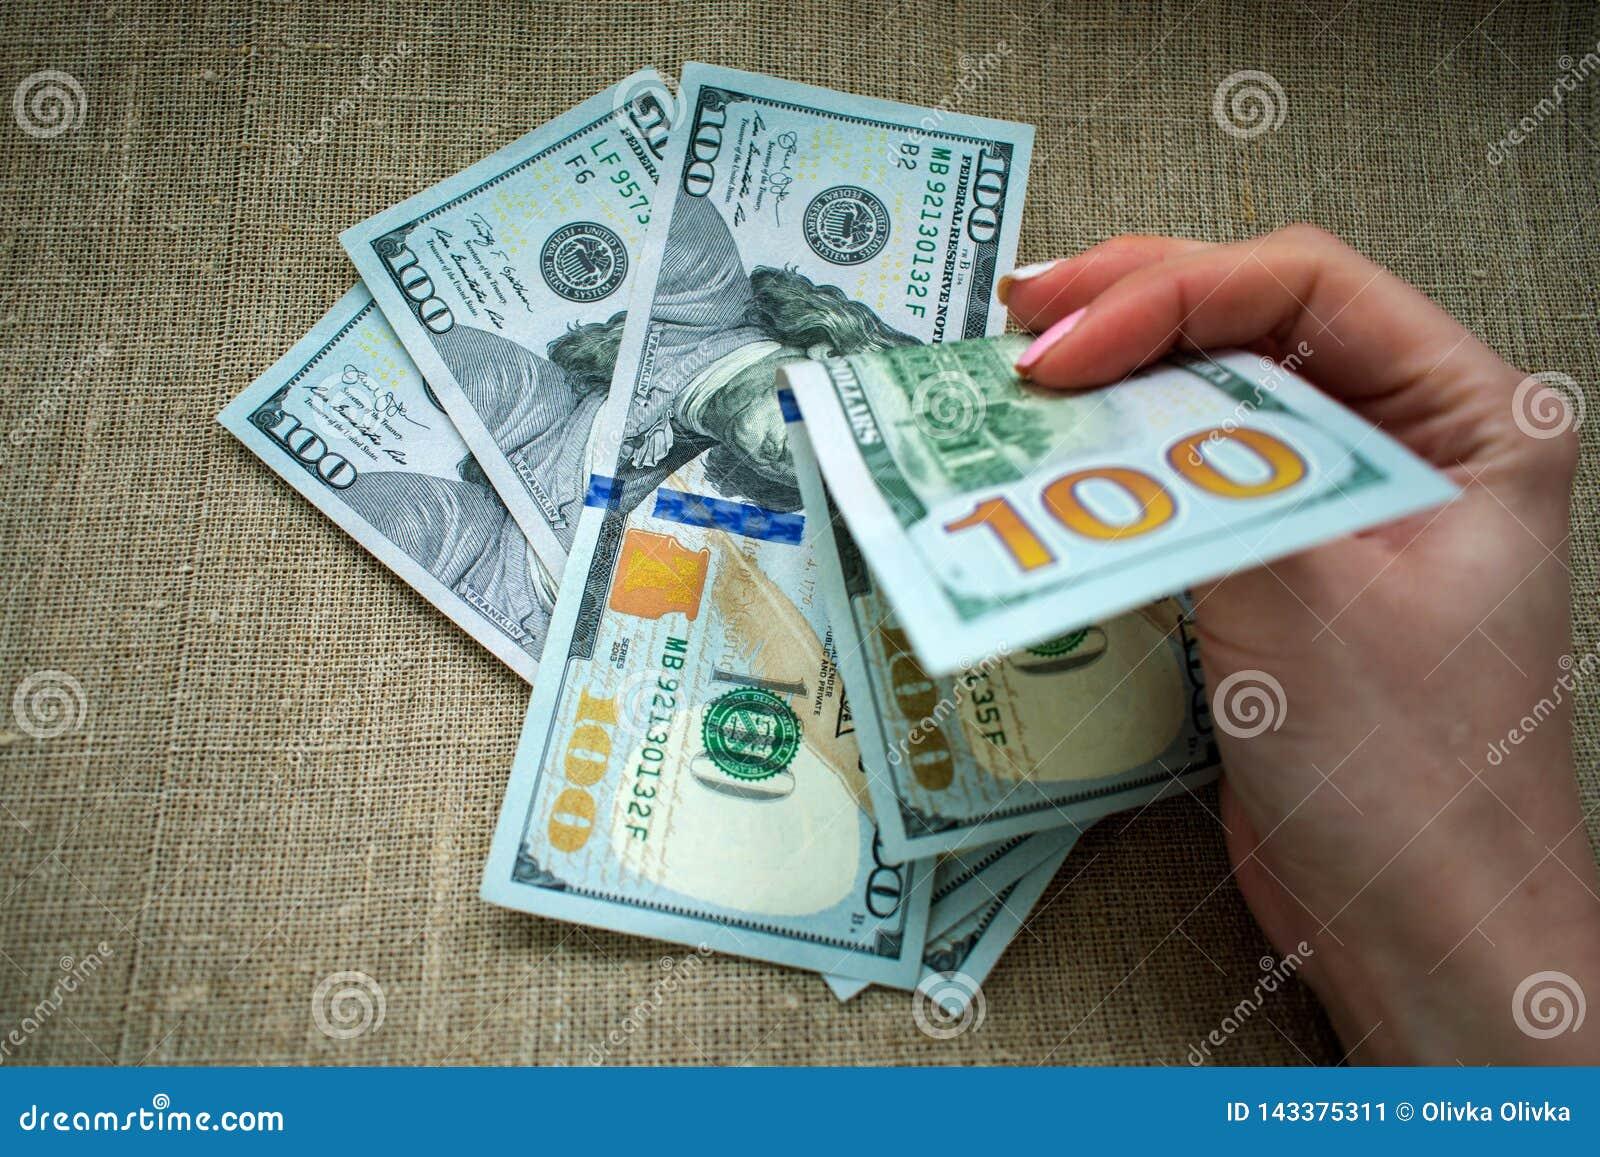 金钱是在手中,妇女采取金钱